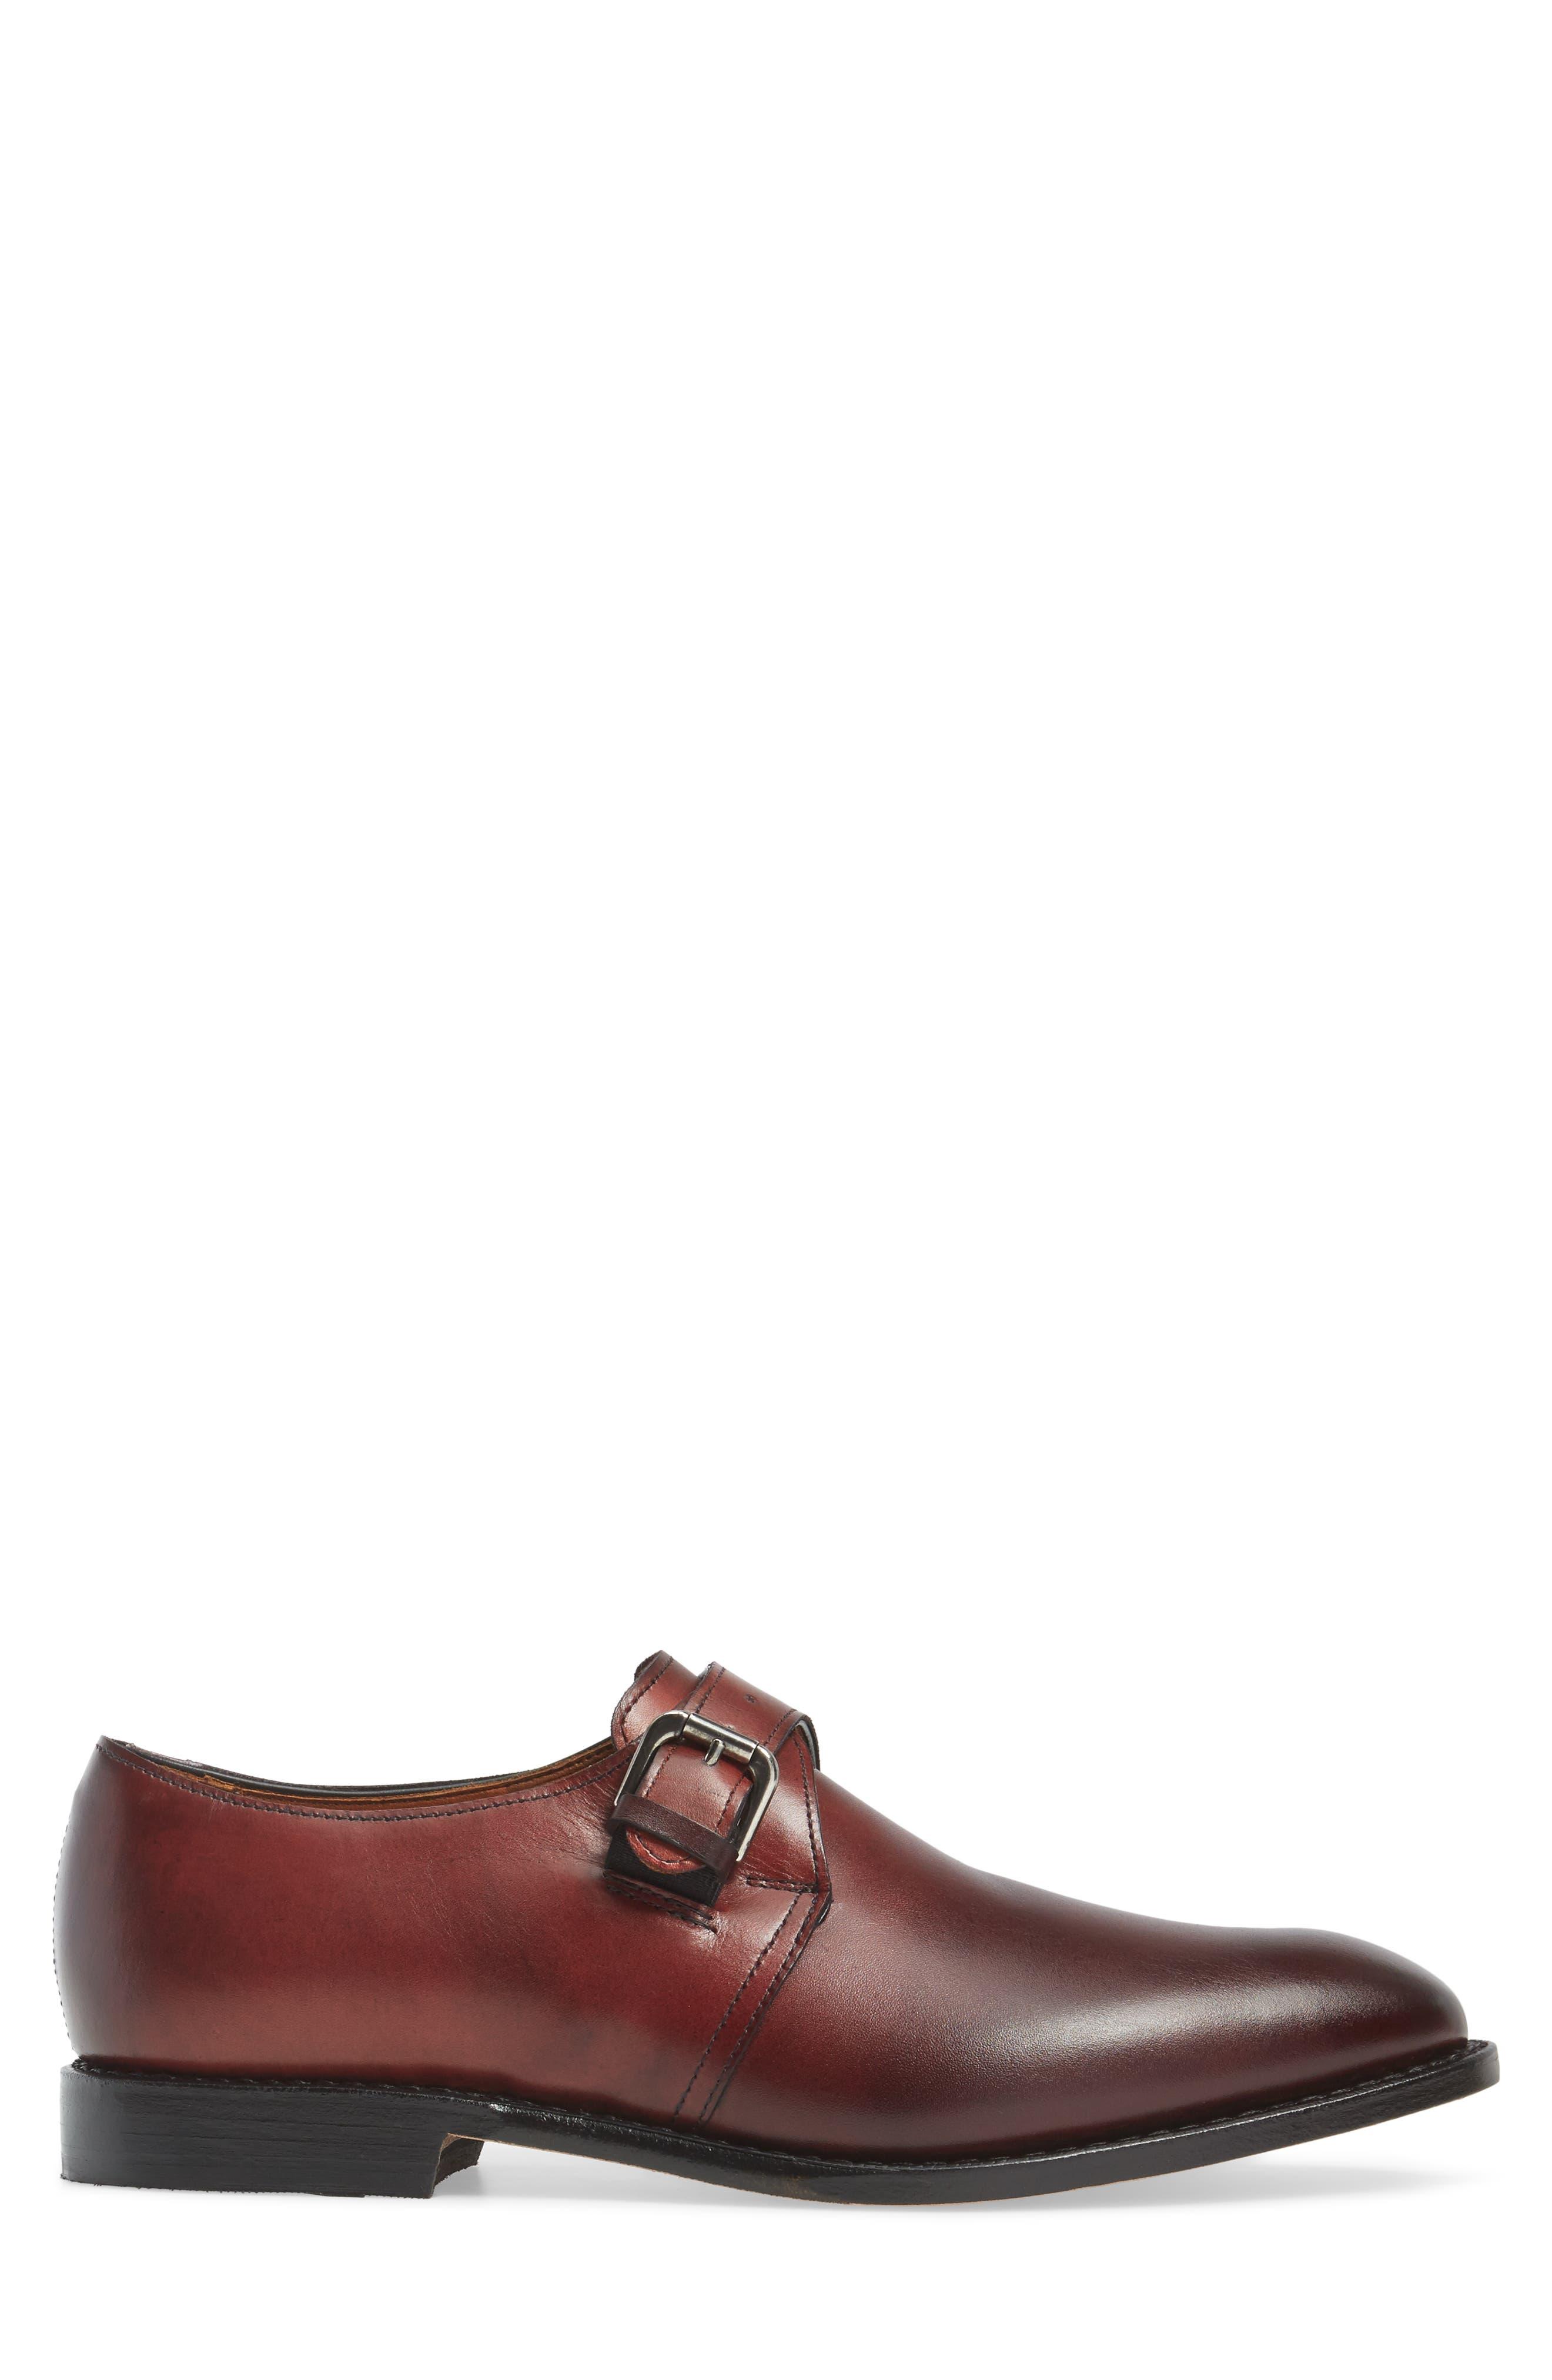 Warwick Monk Strap Shoe,                             Alternate thumbnail 3, color,                             932